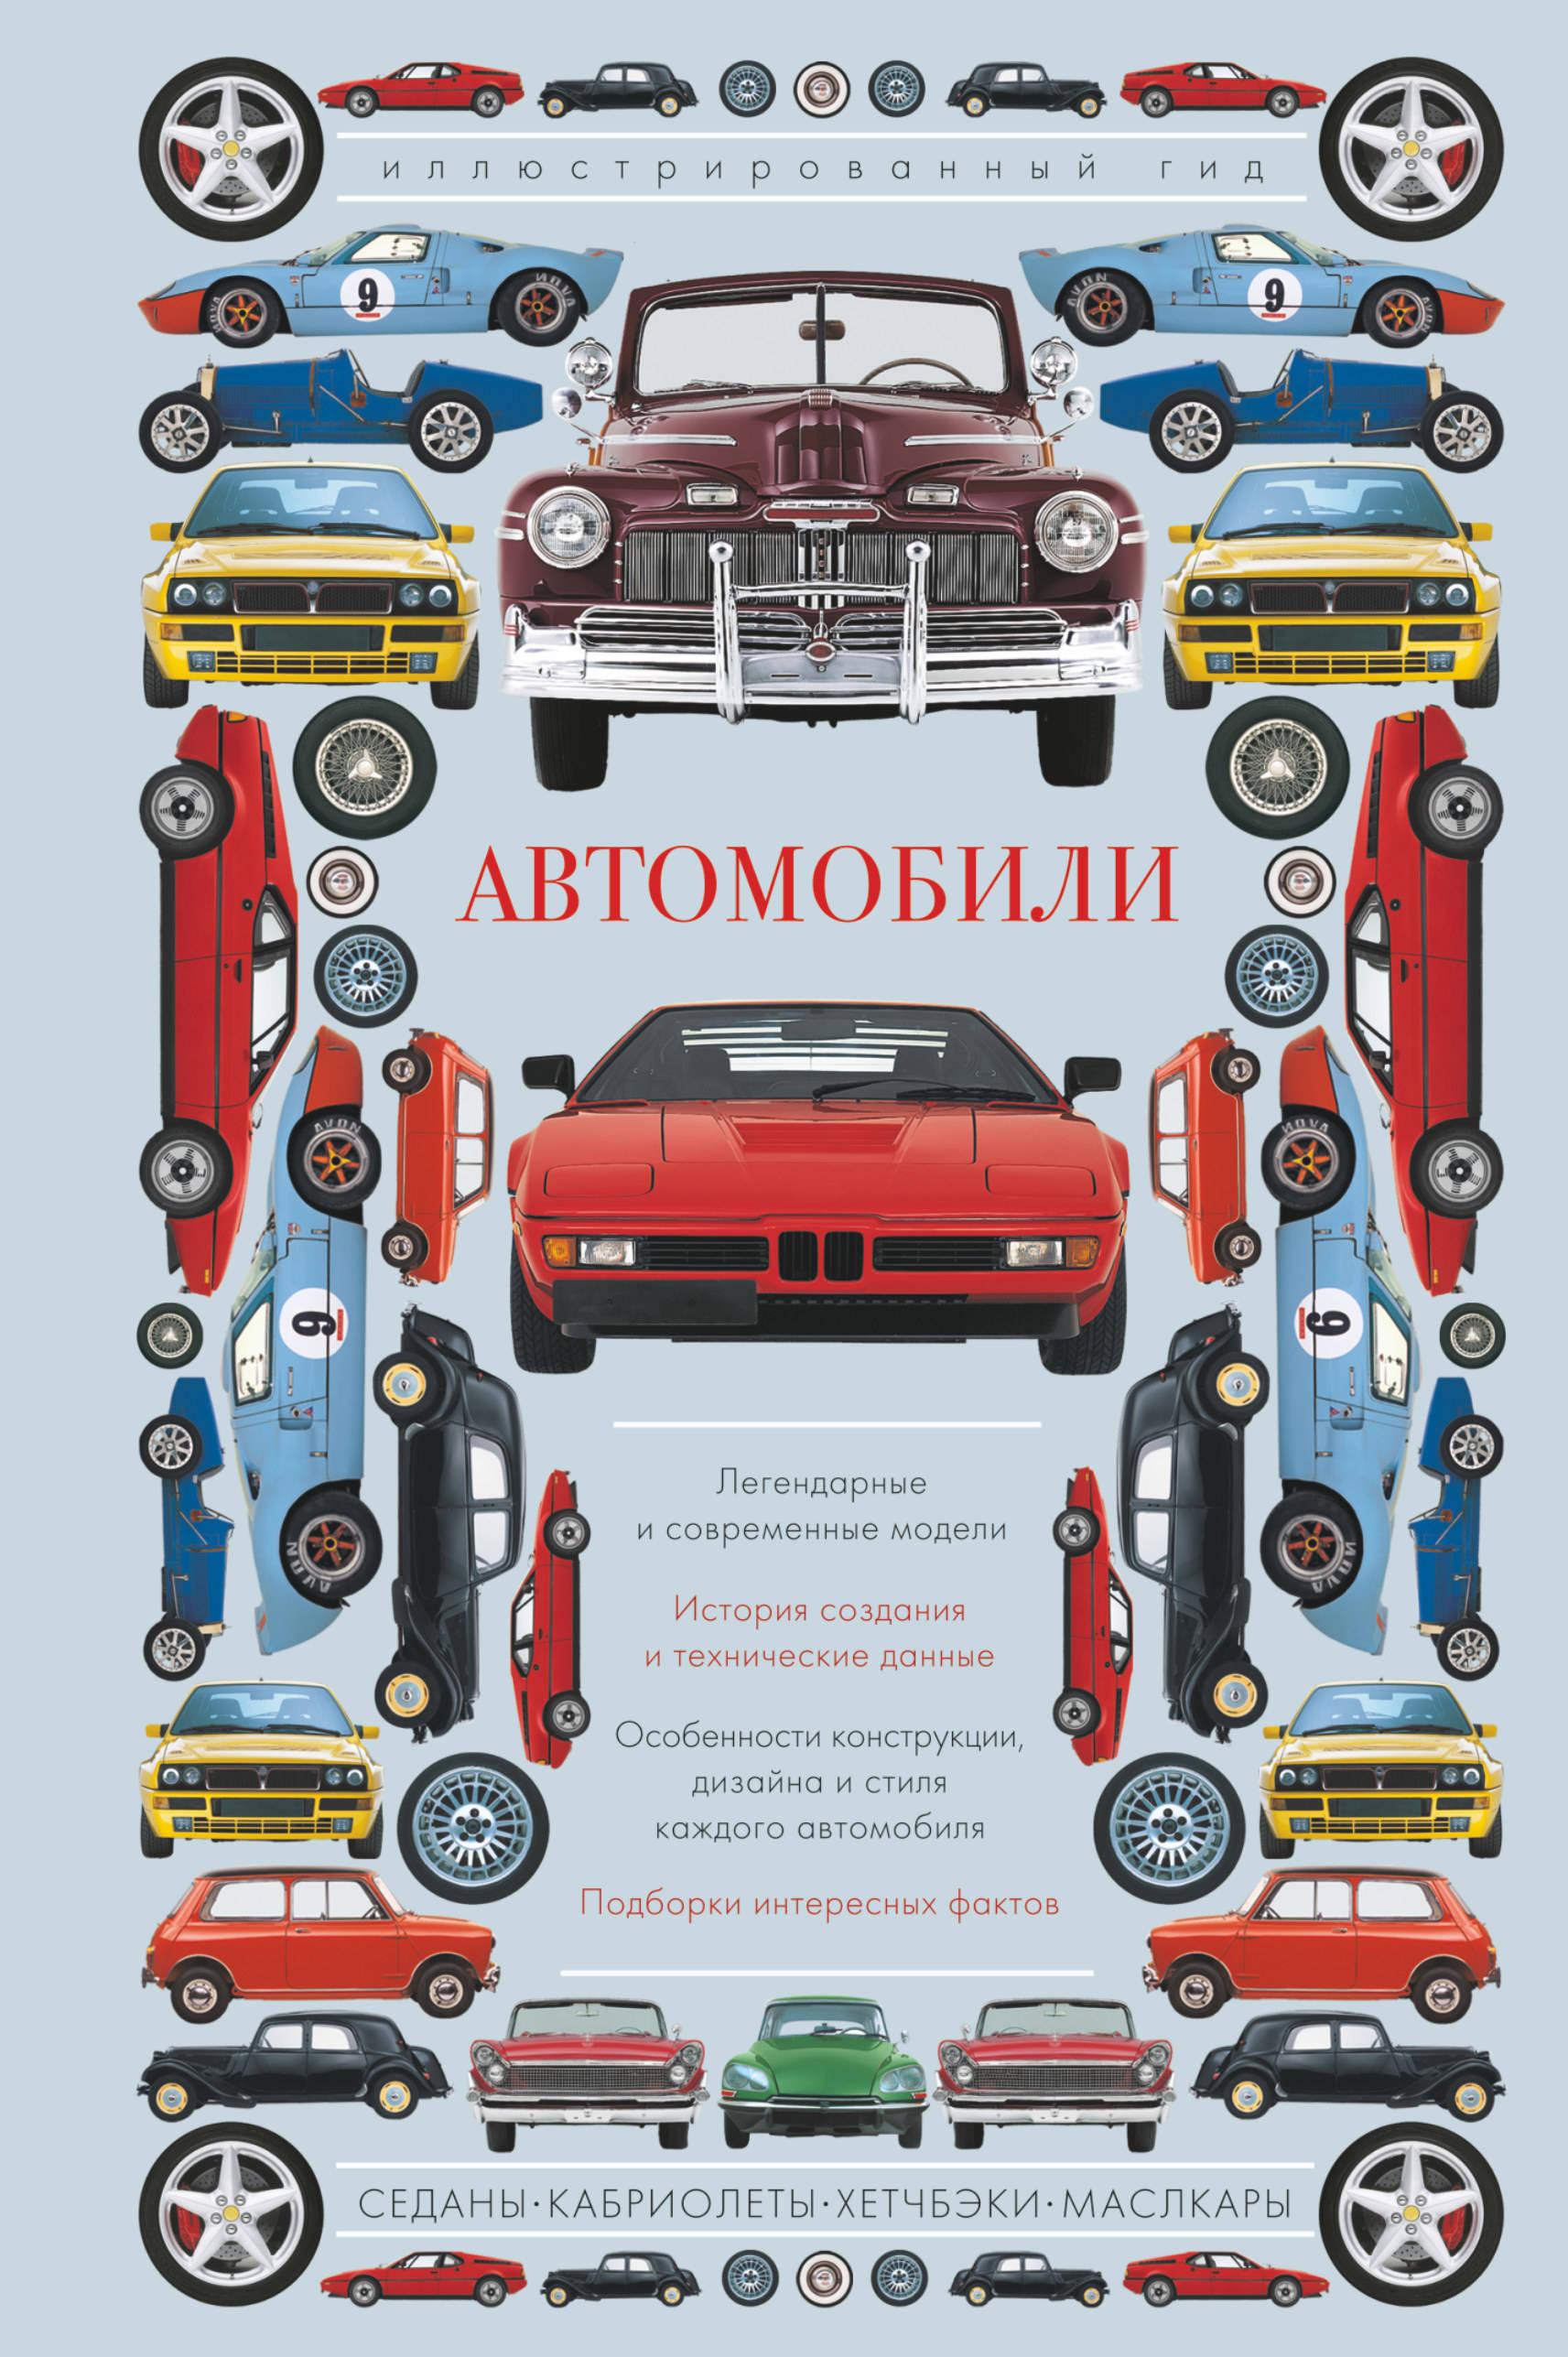 Avtomobili. Illjustrirovannyj gid